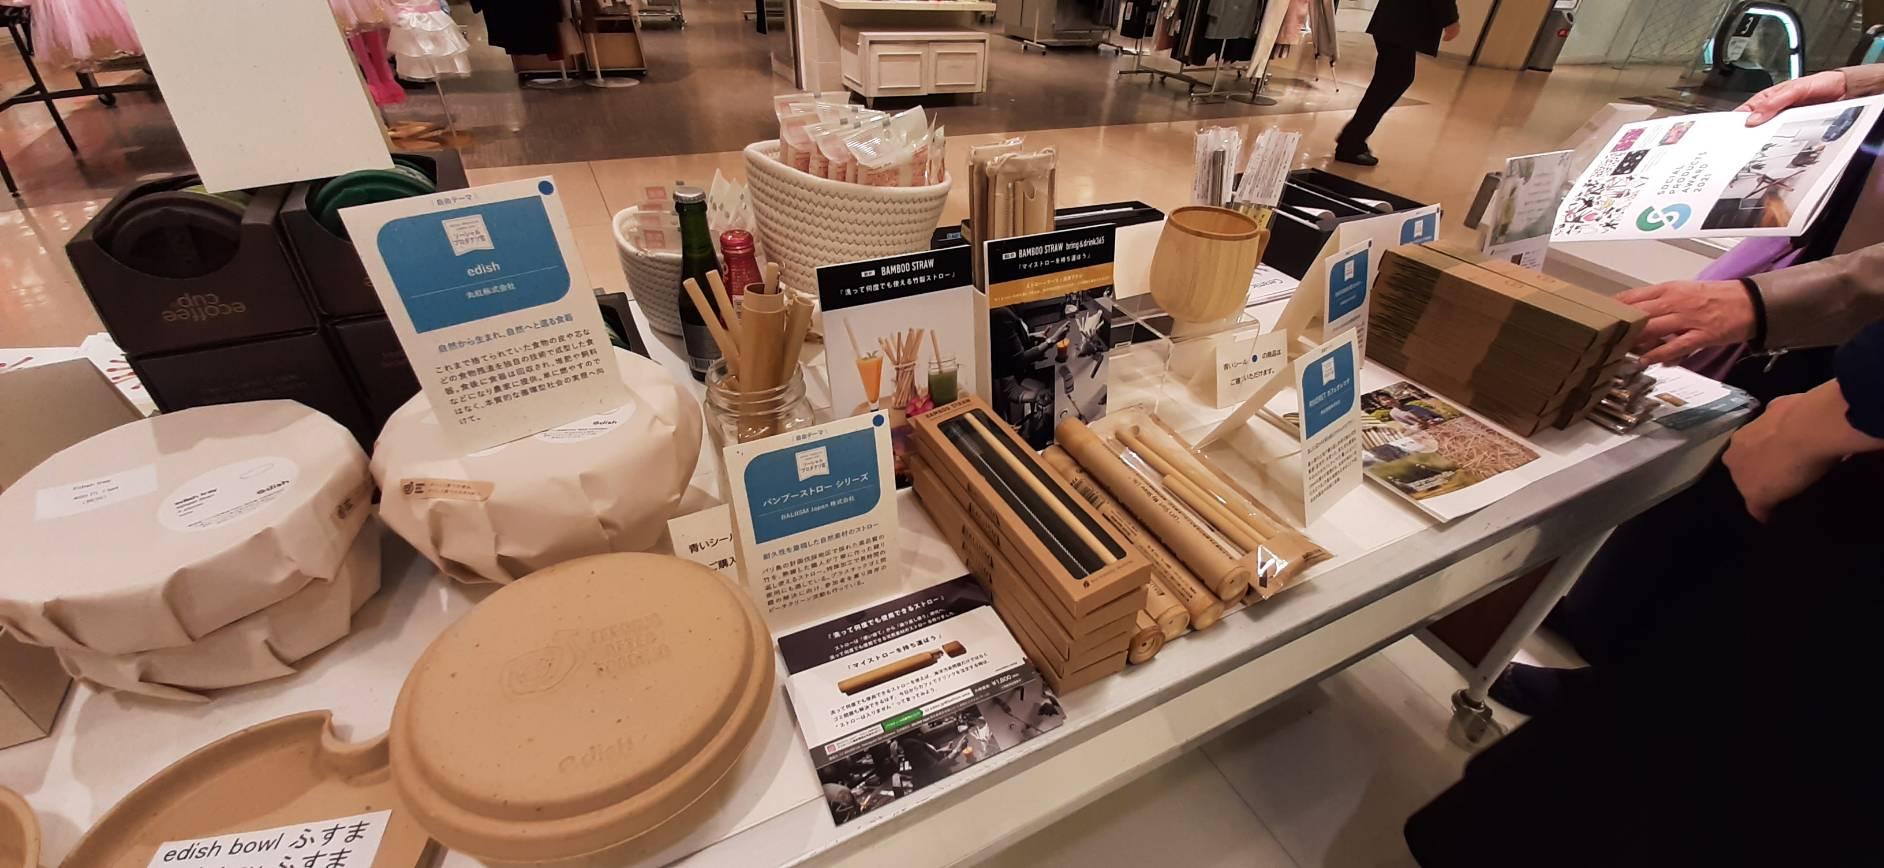 丸井錦糸町店でBALIISM バンブーストロー3/14(日)まで展示販売中!